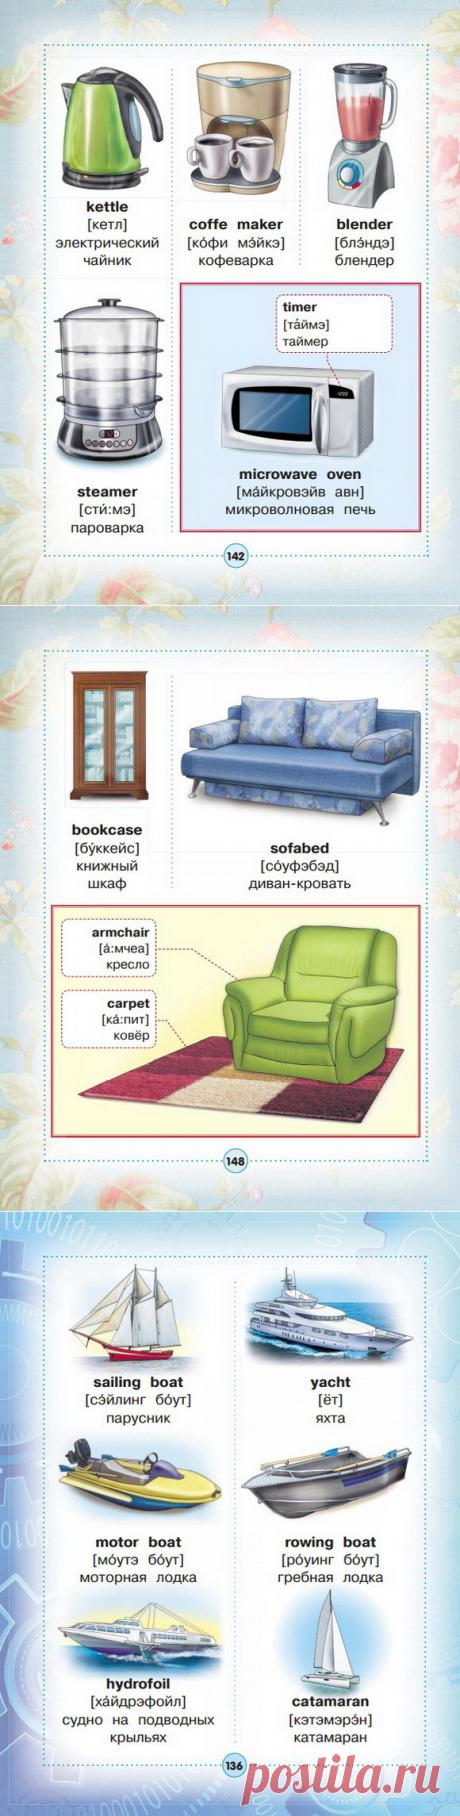 Англо-русский визуальный словарь для детей. Часть 3